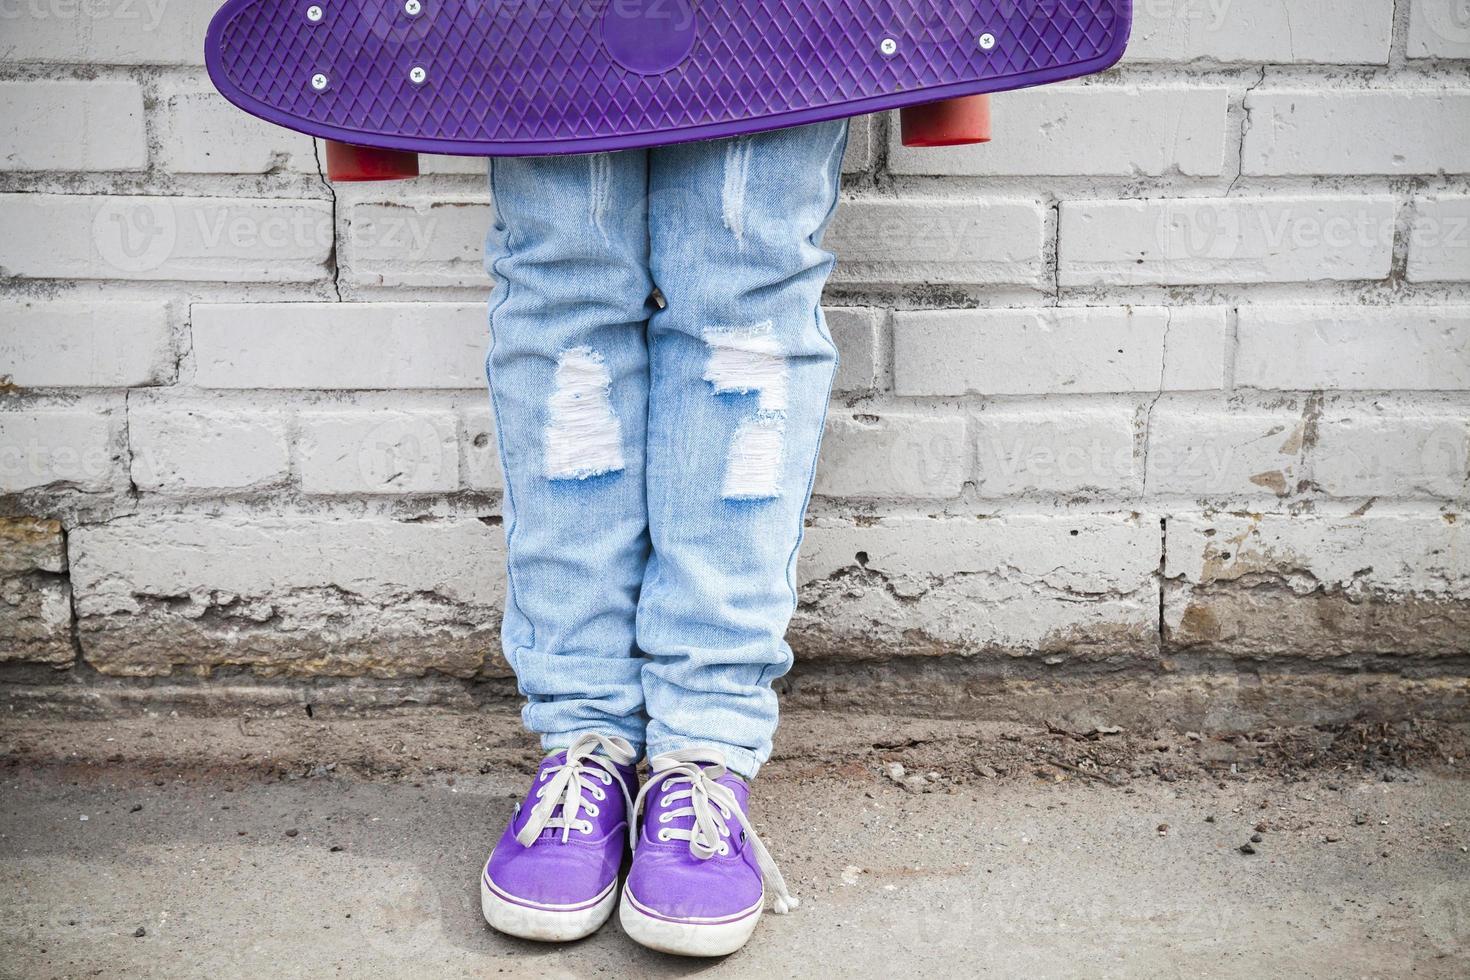 Teenagerfüße in Blue Jeans mit Skateboard foto